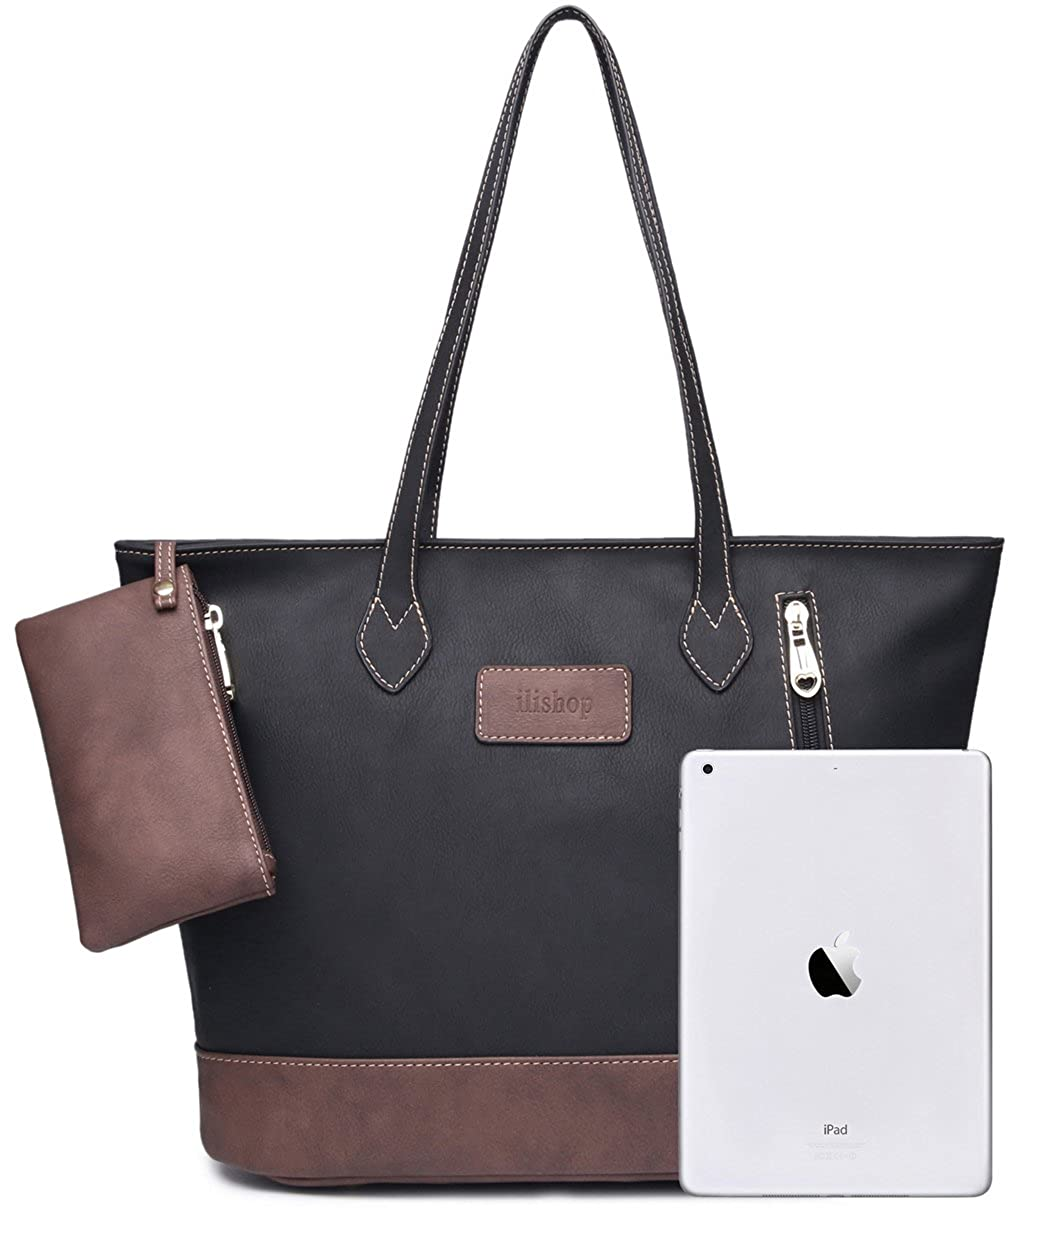 b2b8d8e680 Amazon.com  ilishop Women s PU Leather Tote Handbag Contrast Color Shoulder  Bag (Black)  Shoes